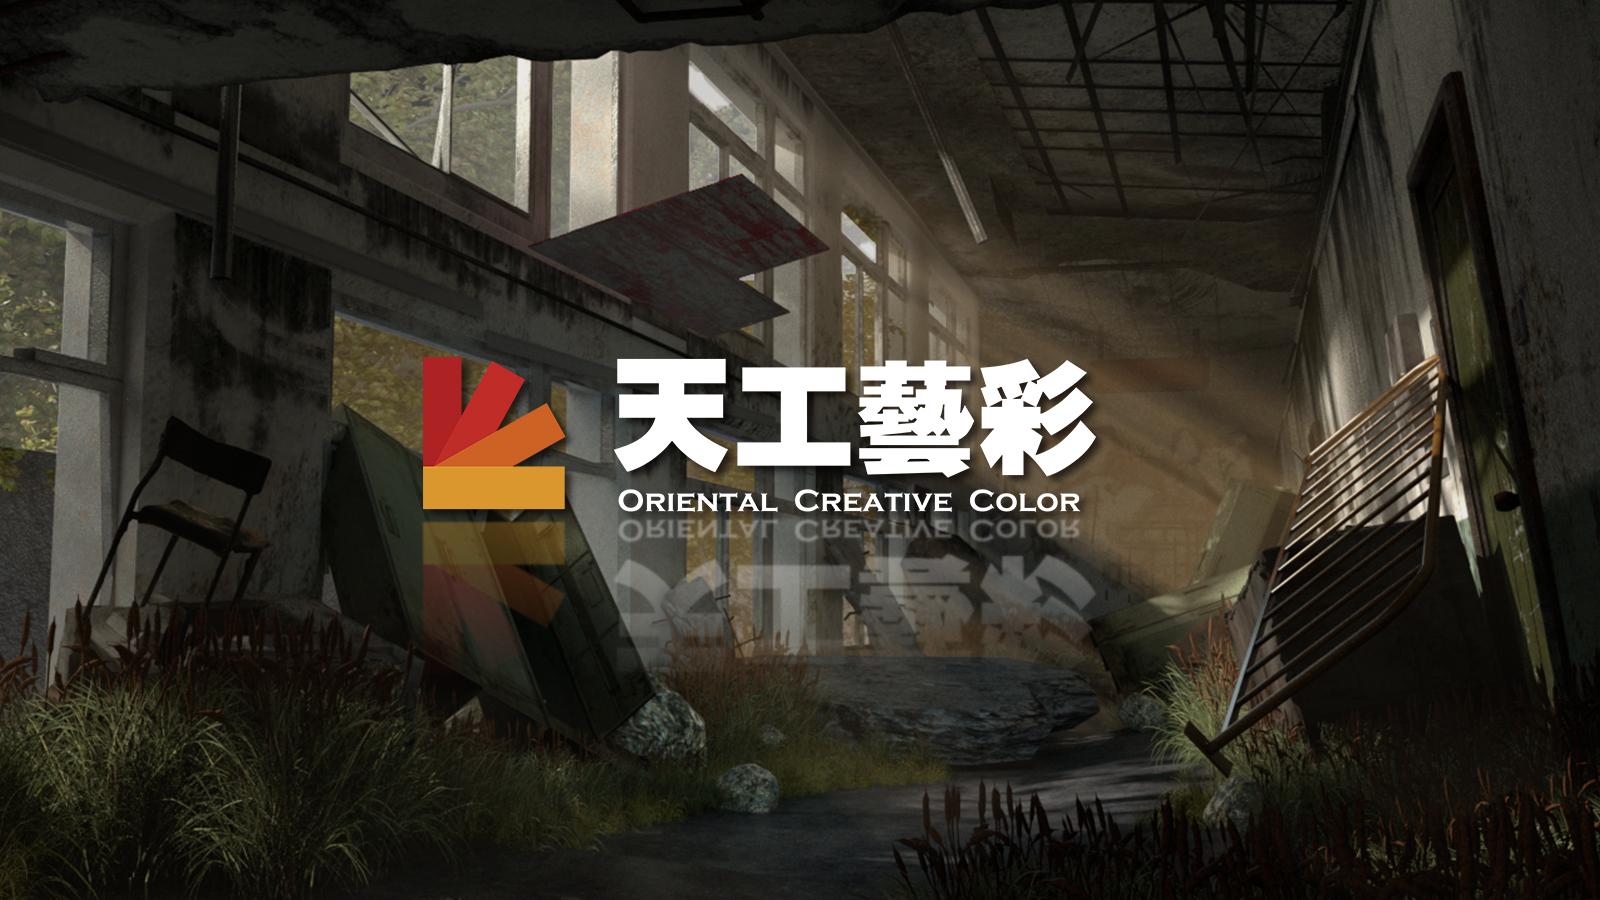 天工艺彩最新力作《末世觉醒之入侵》5月上映-ANICOGA